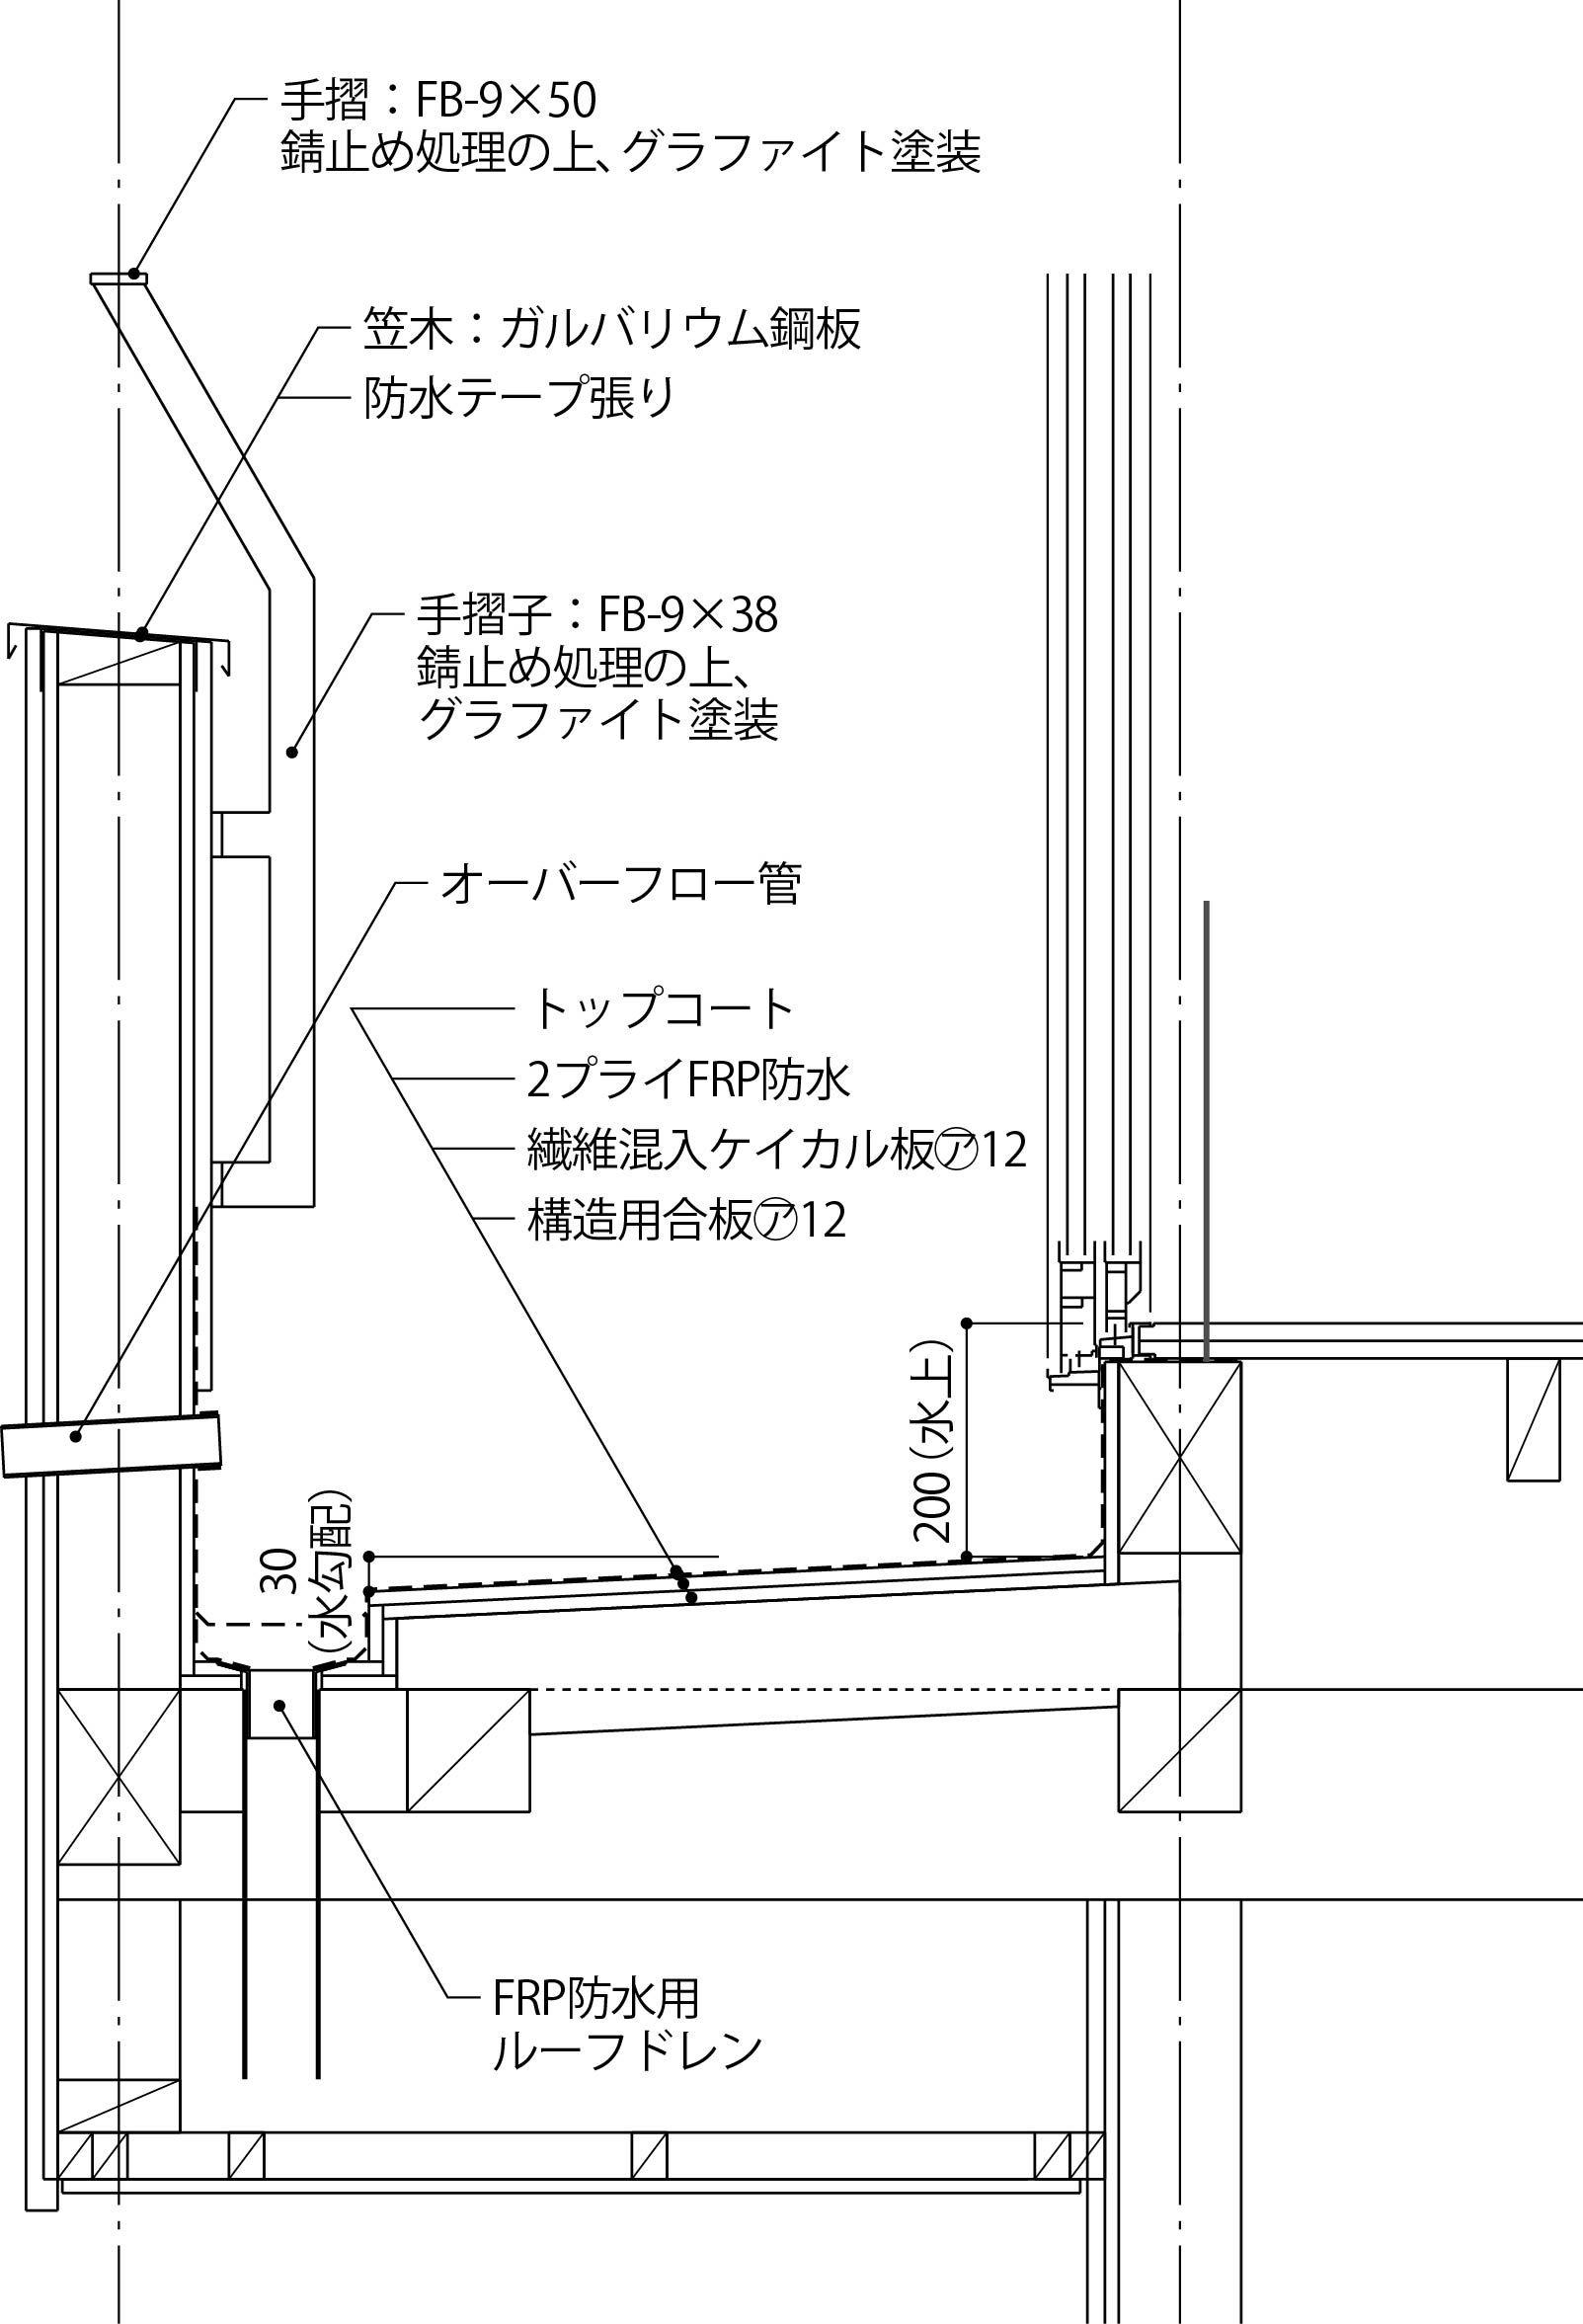 持出しバルコニー 防水床とする形式 詳細図面 建築 家の設計